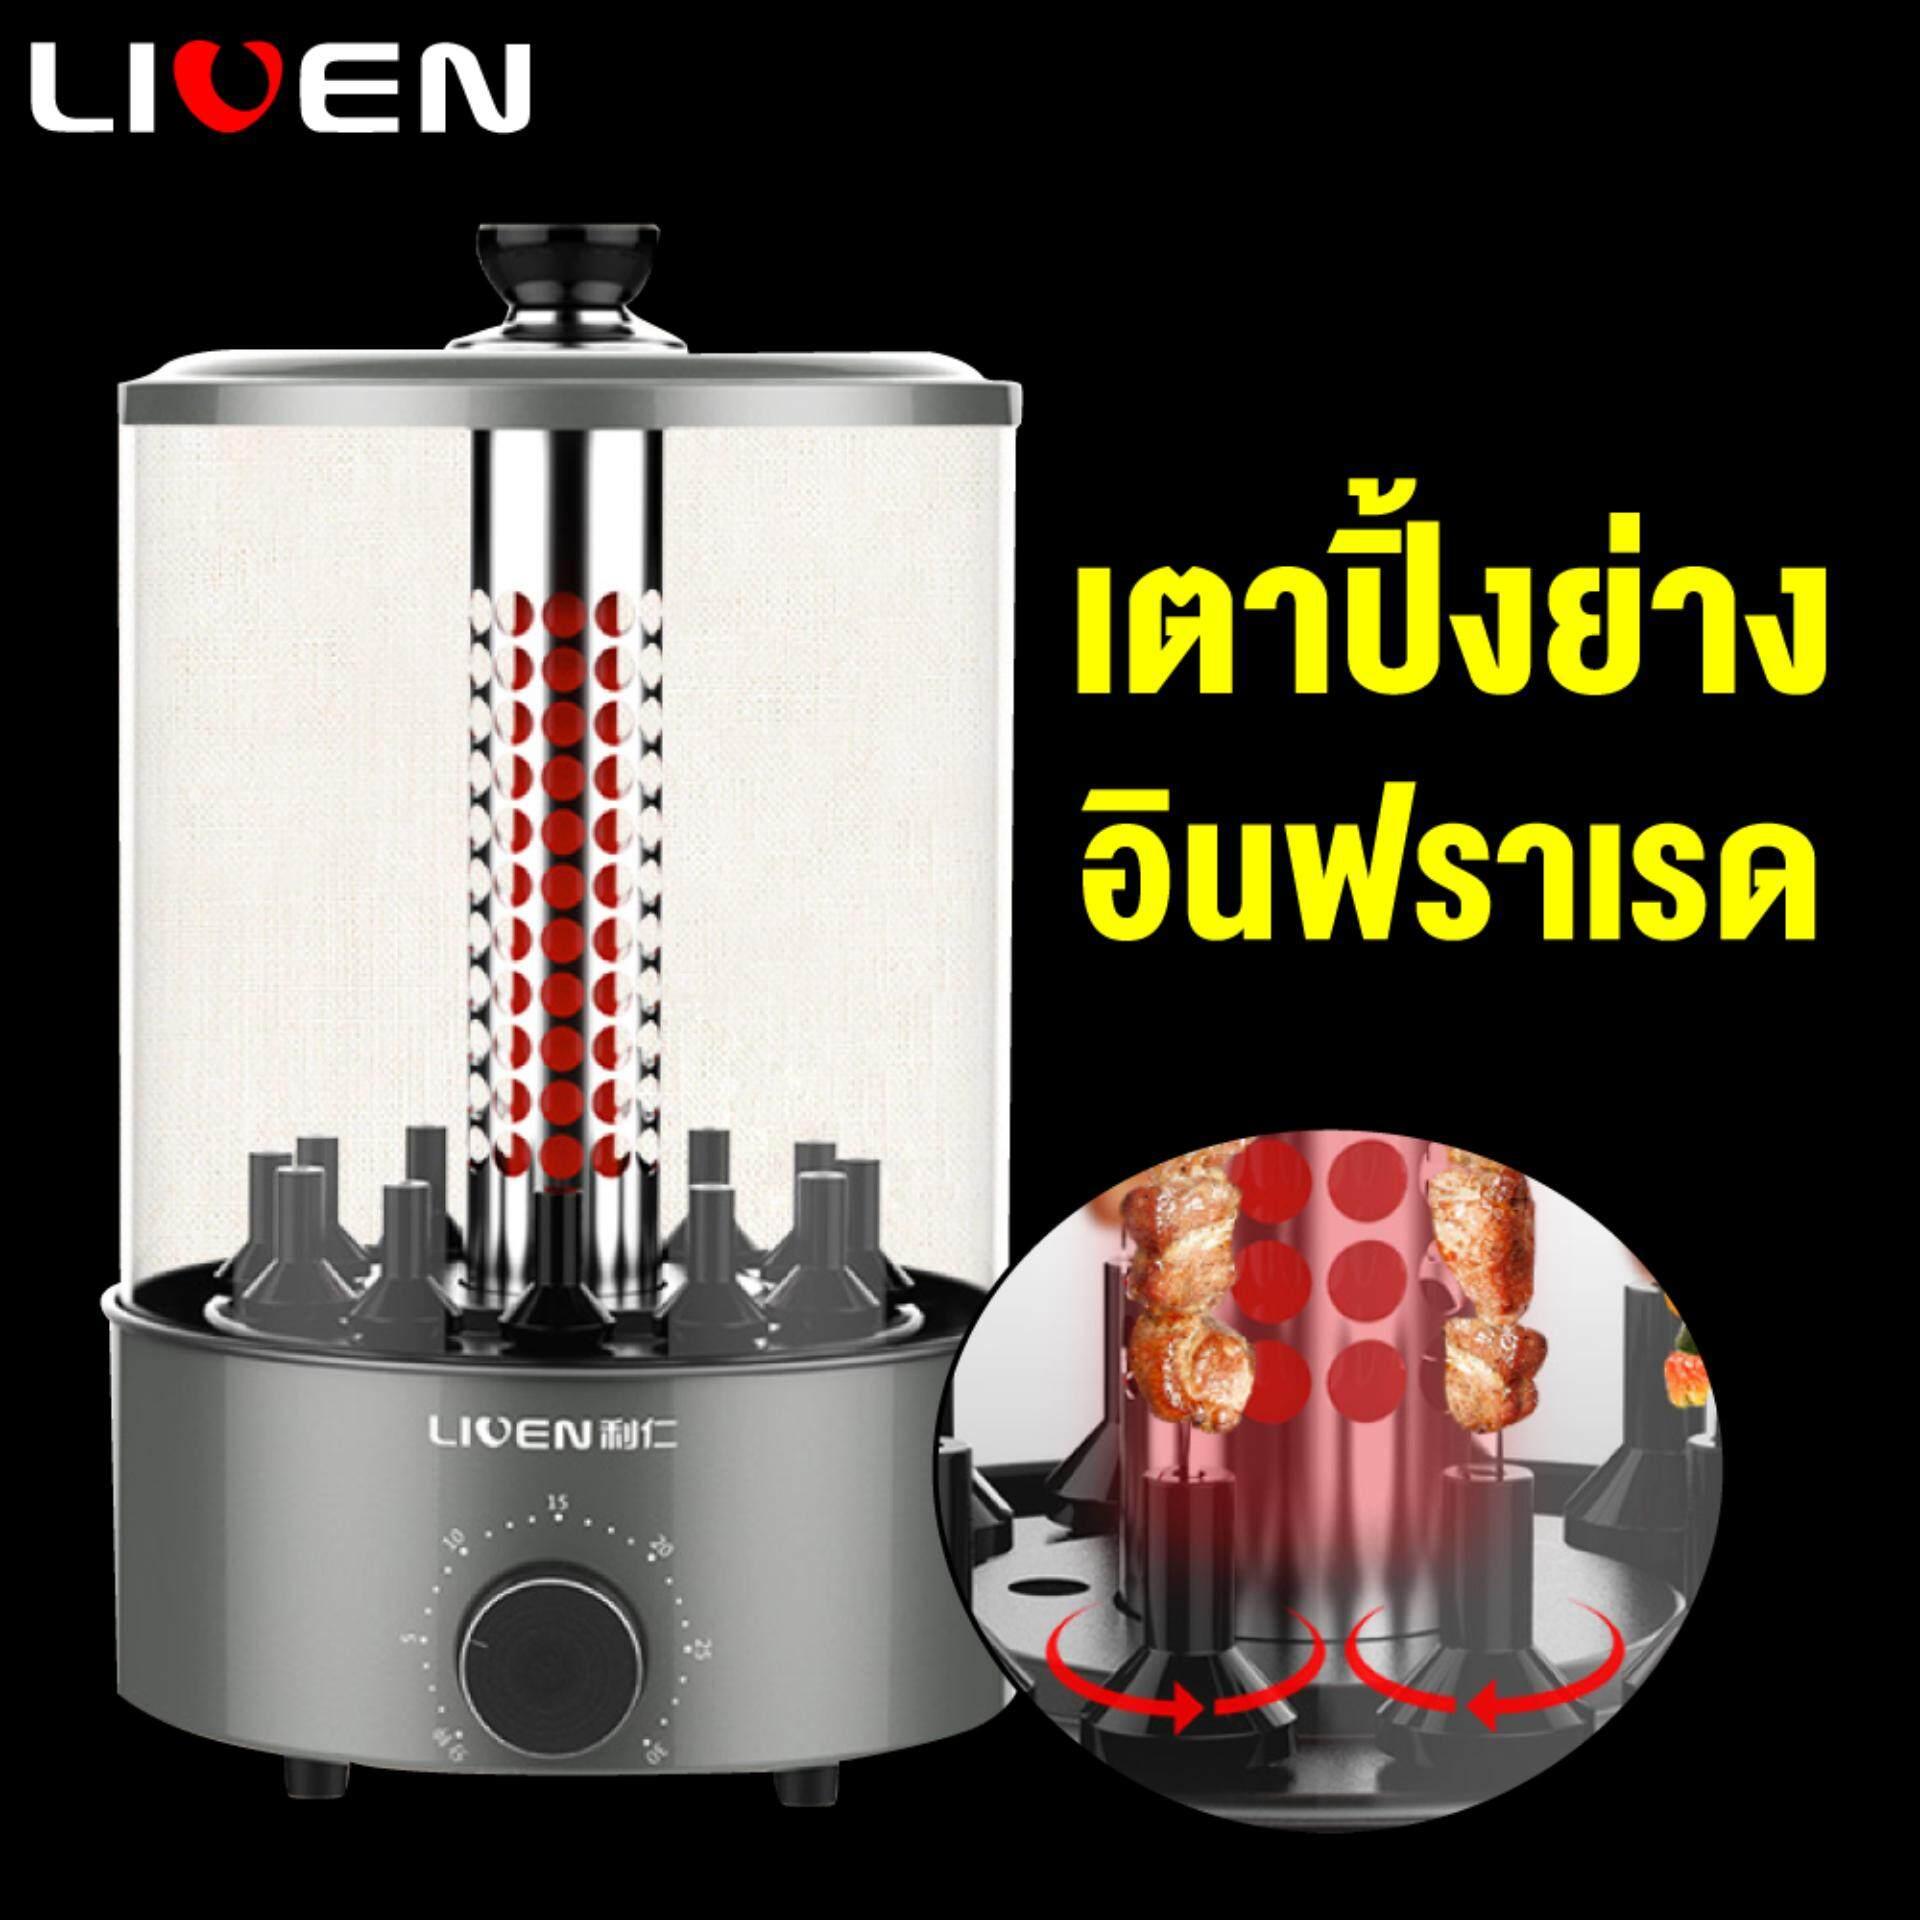 【แพ็คส่งใน 1 วัน】Liven KL-J121 Barbeque Maker เตาย่างบาร์บีคิวรุ่นใหม่ !! [[ รับประกันสินค้า 30วัน ]] / ShoppingD